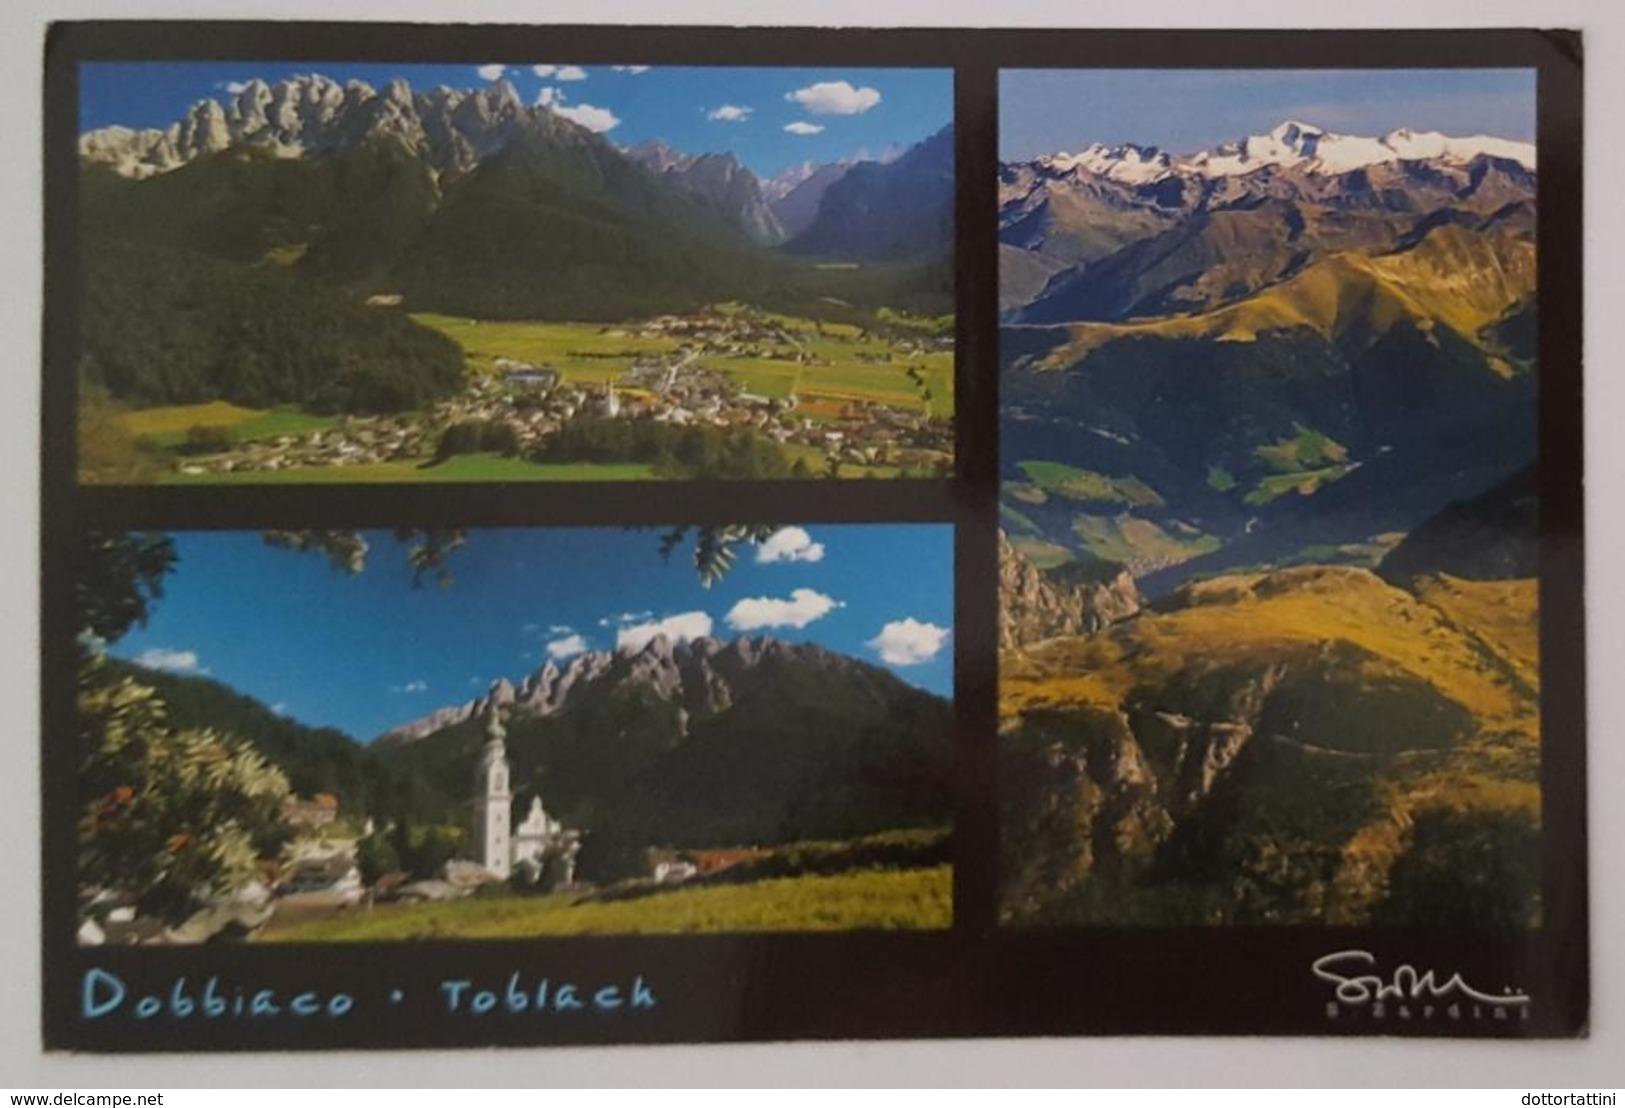 DOBBIACO - TOBLACH (Bolzano) - ALTA PUSTERIA - Panorama - Dolomiti   Vg 2005 - Bolzano